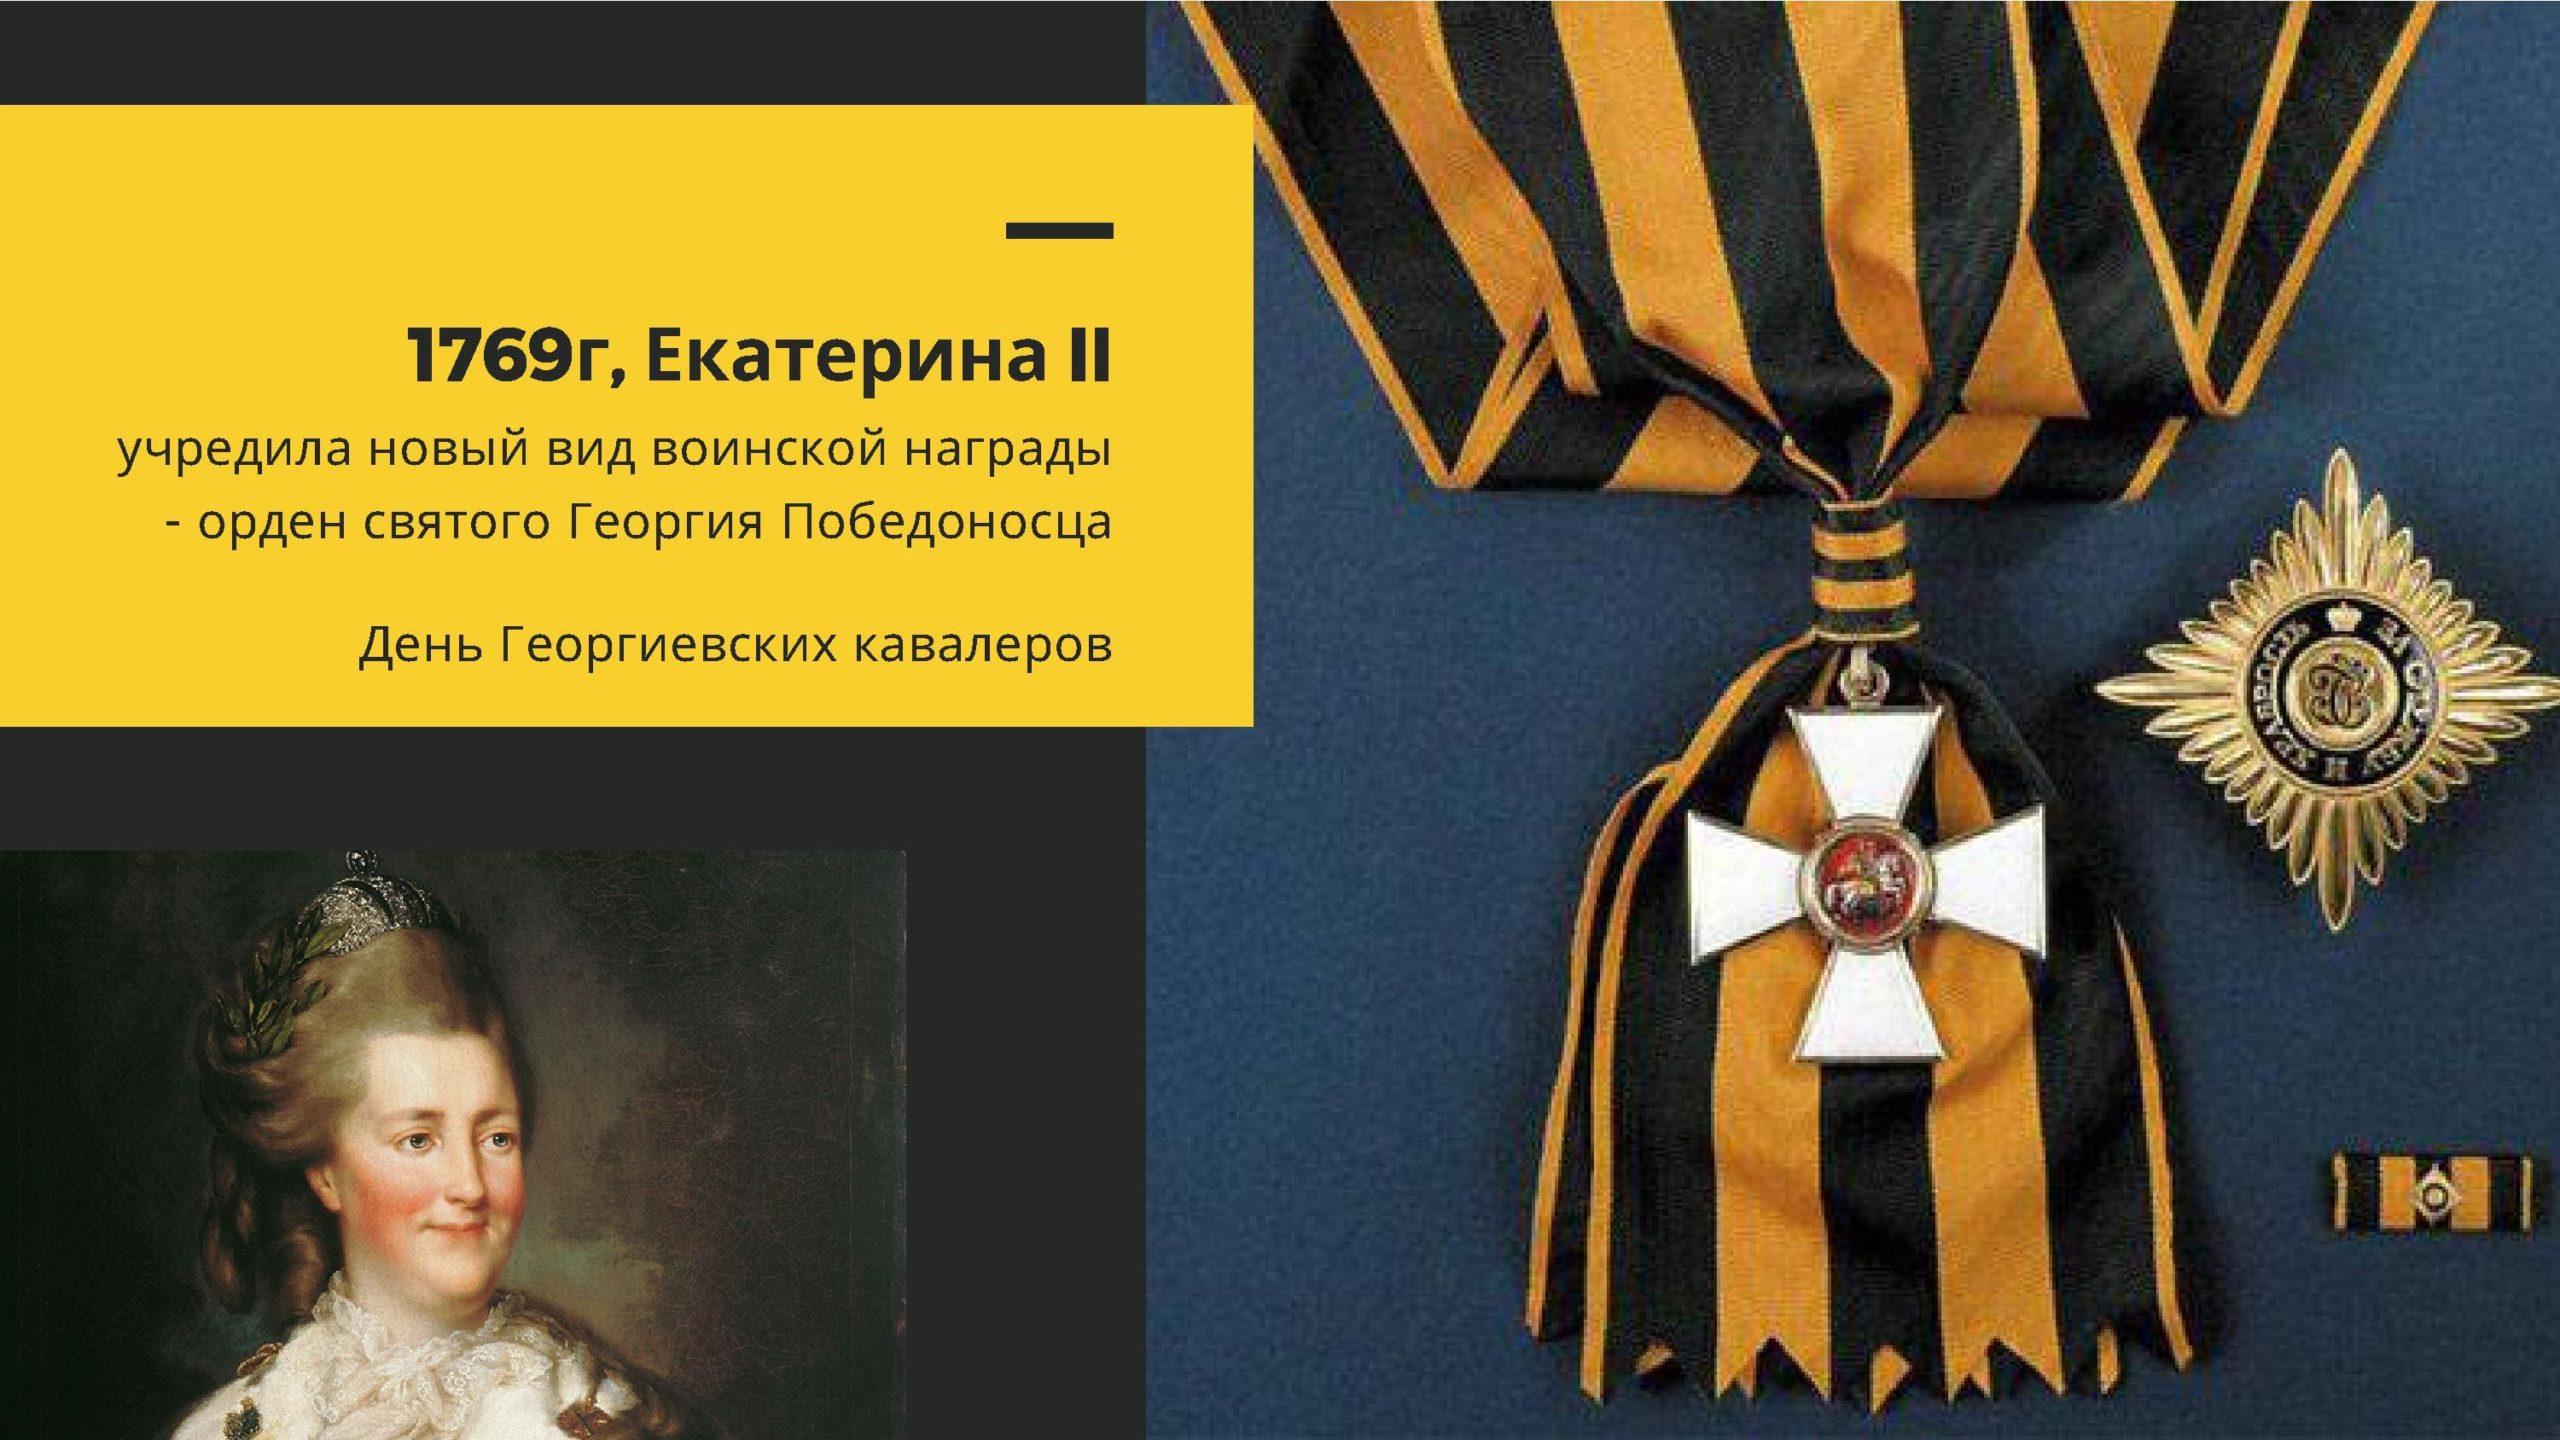 1769 г., Екатерина II учредила